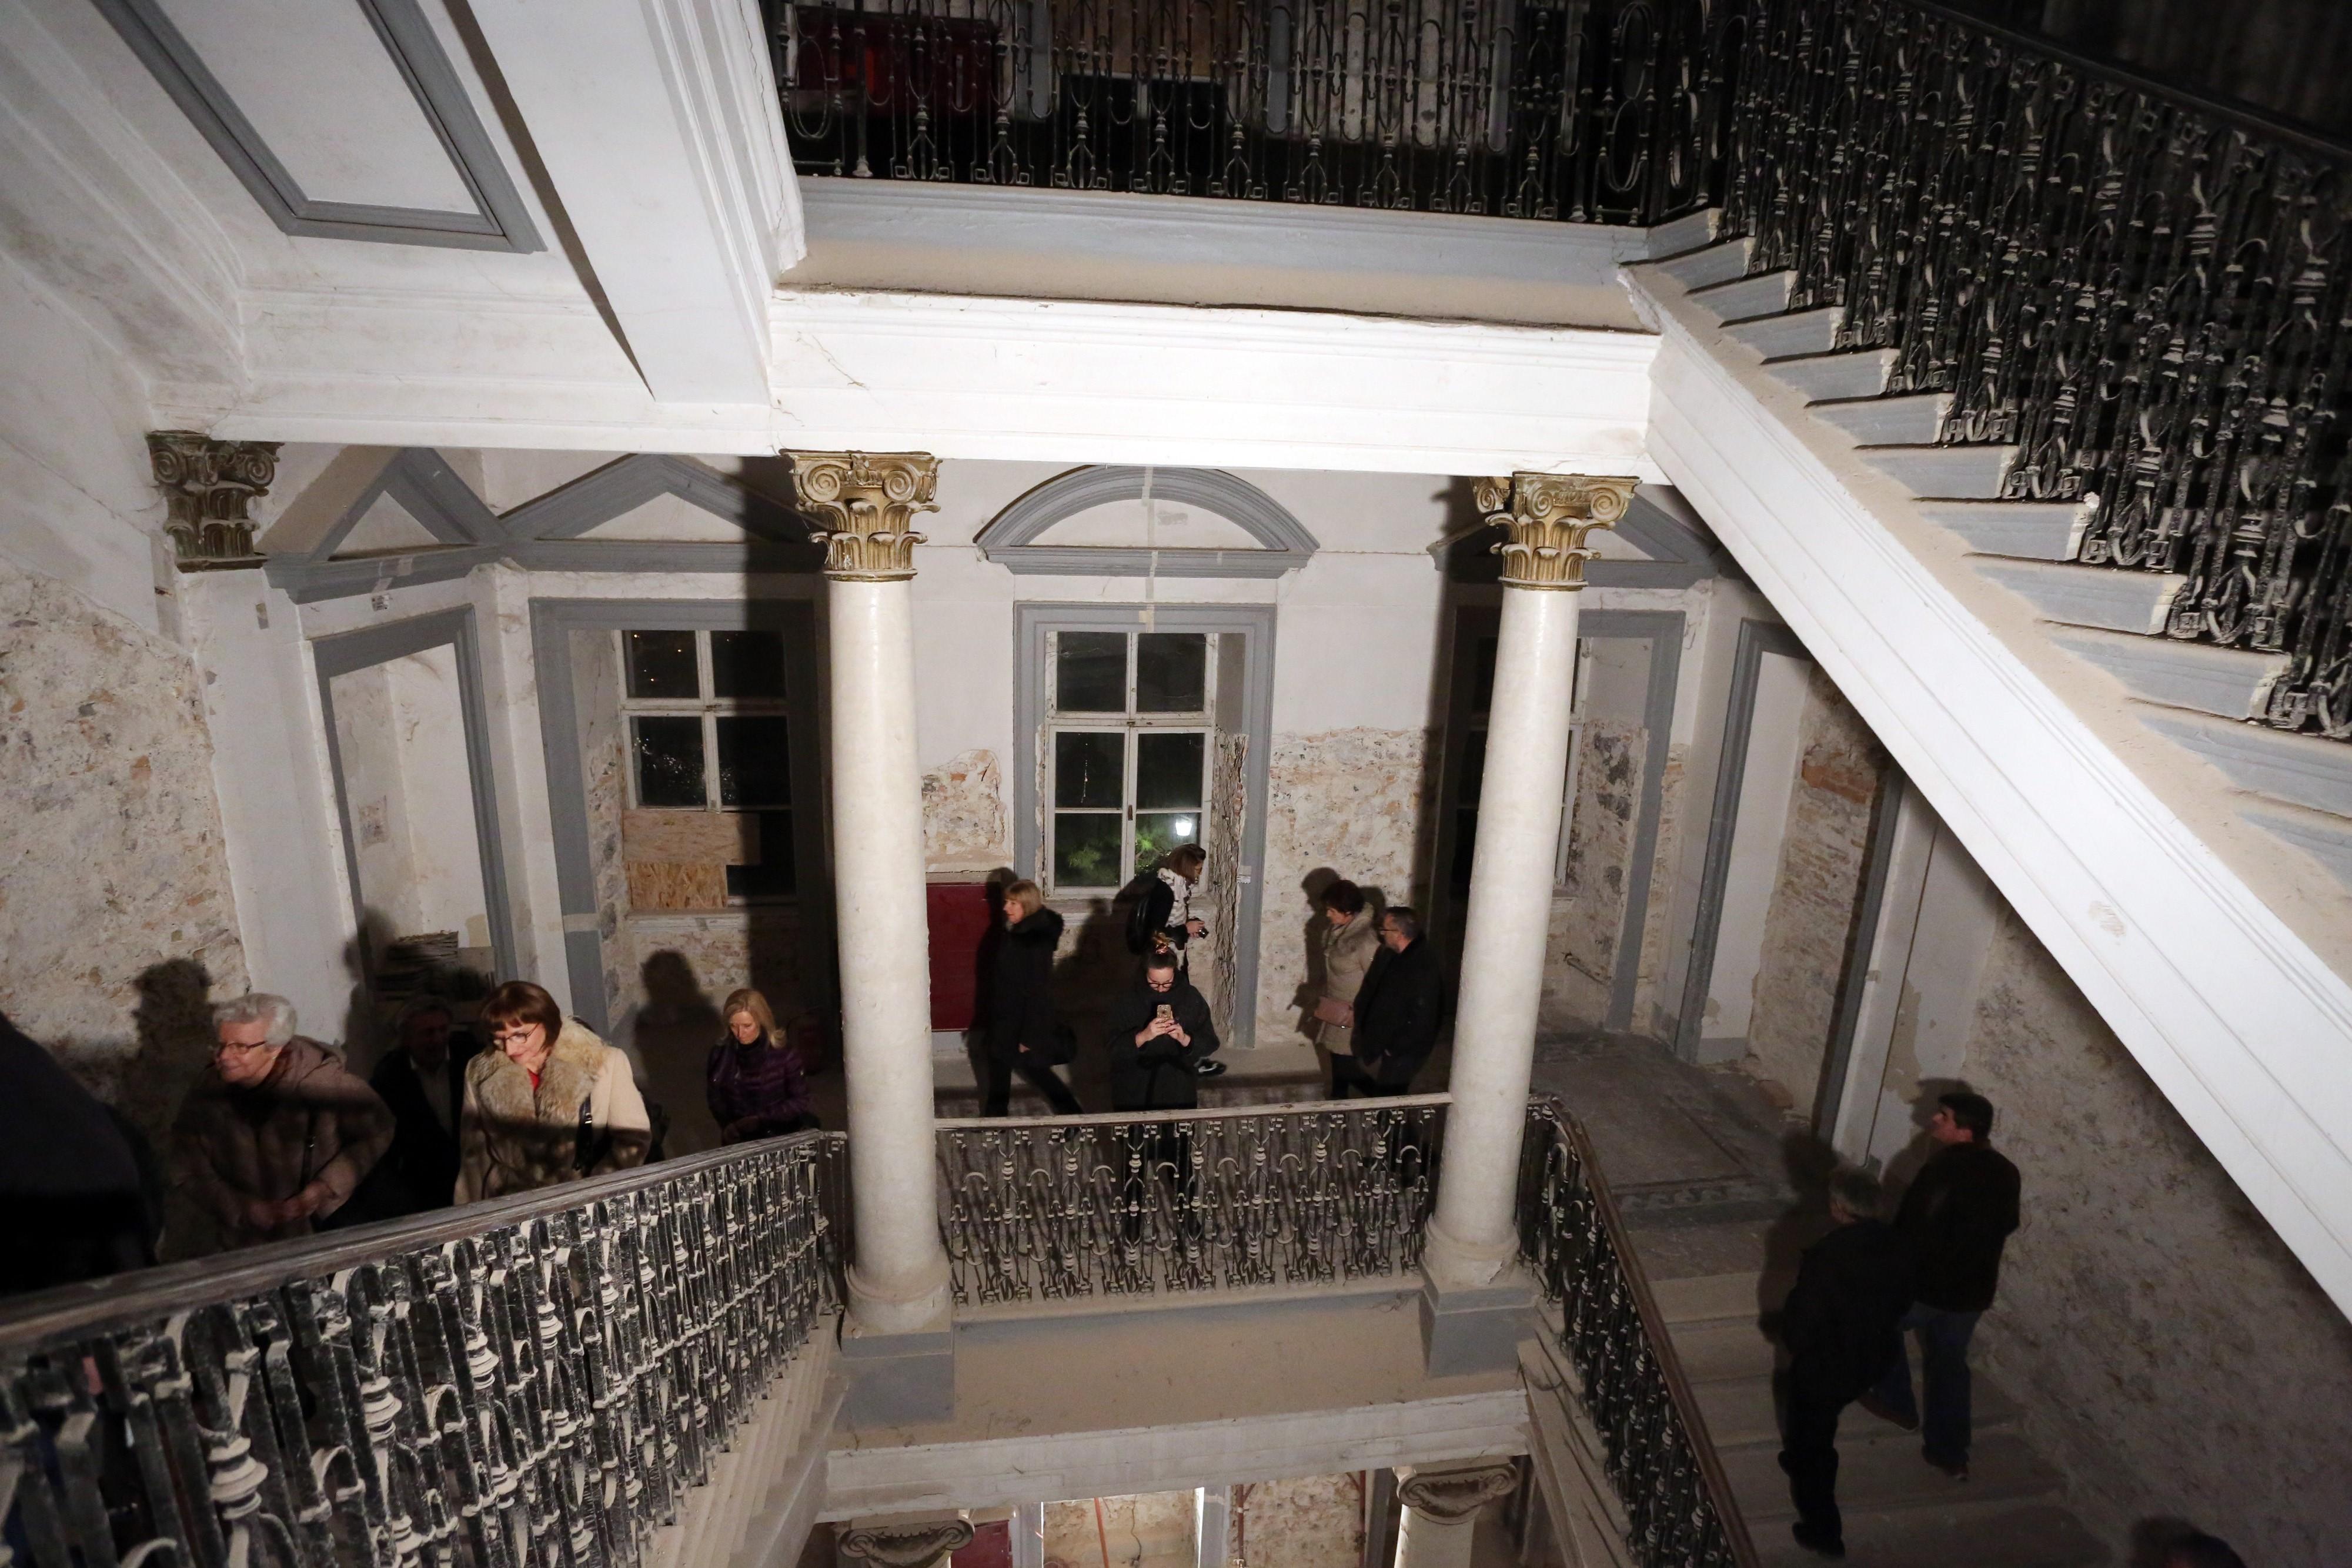 Riječki Mini art-kino i MMSU nominirani za europsku arhitektonsku nagradu